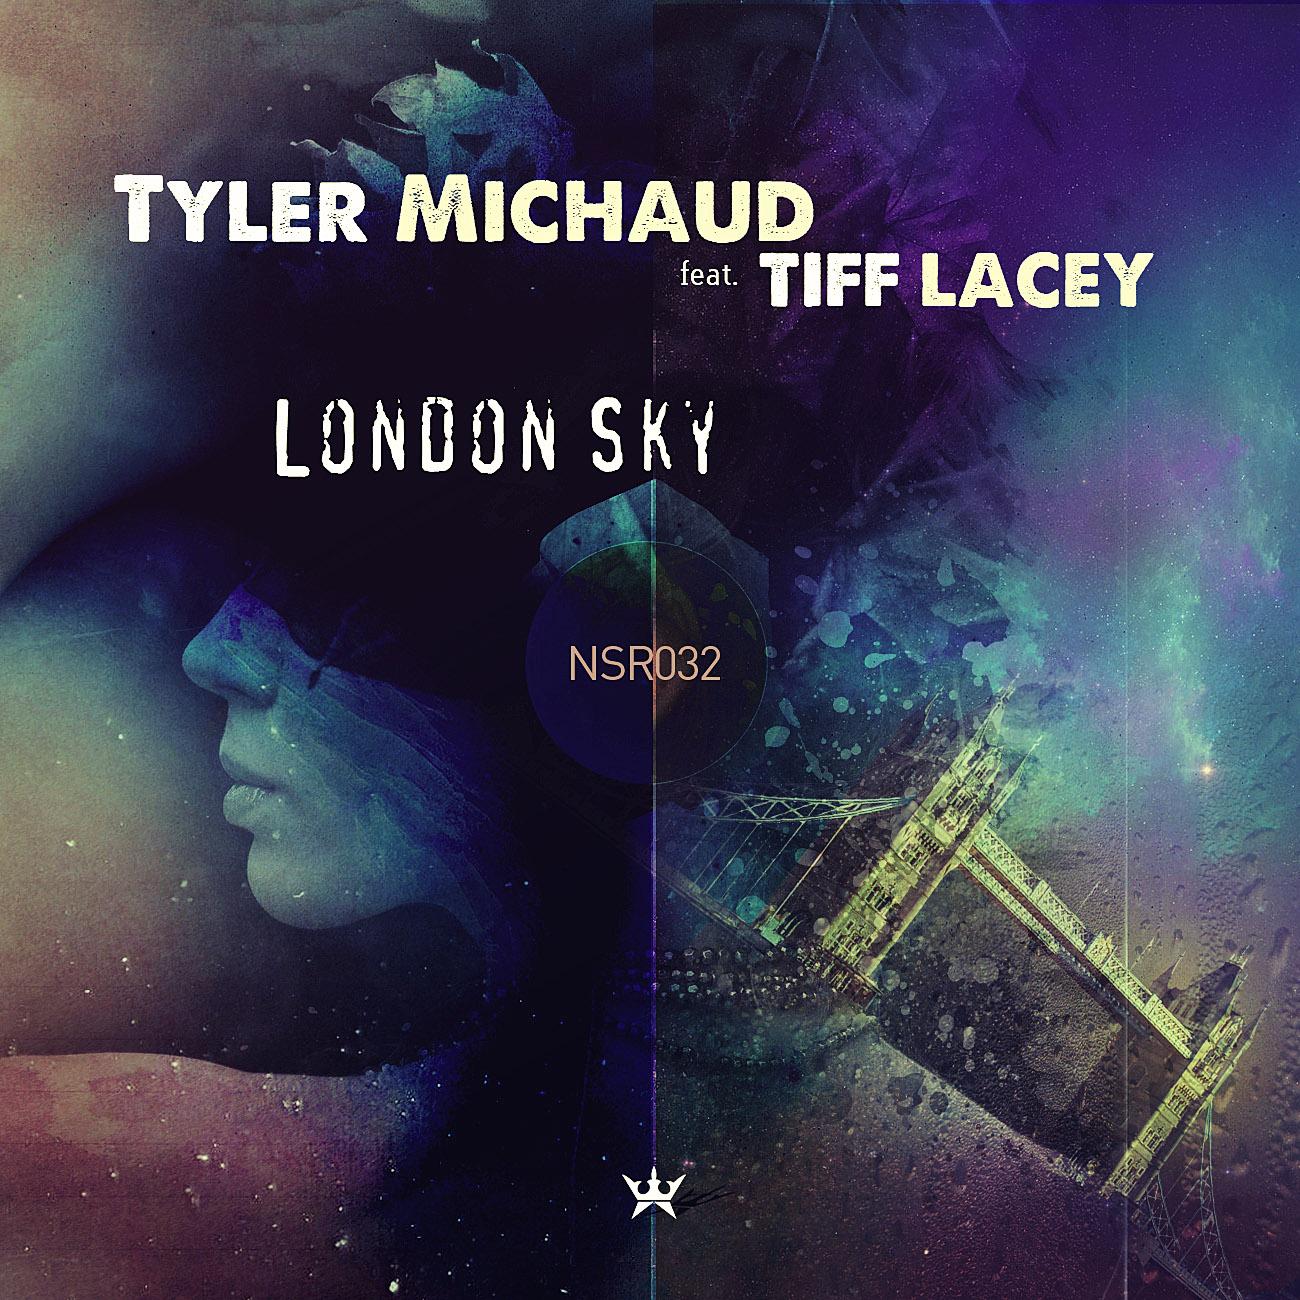 London Sky Album Cover Artwork